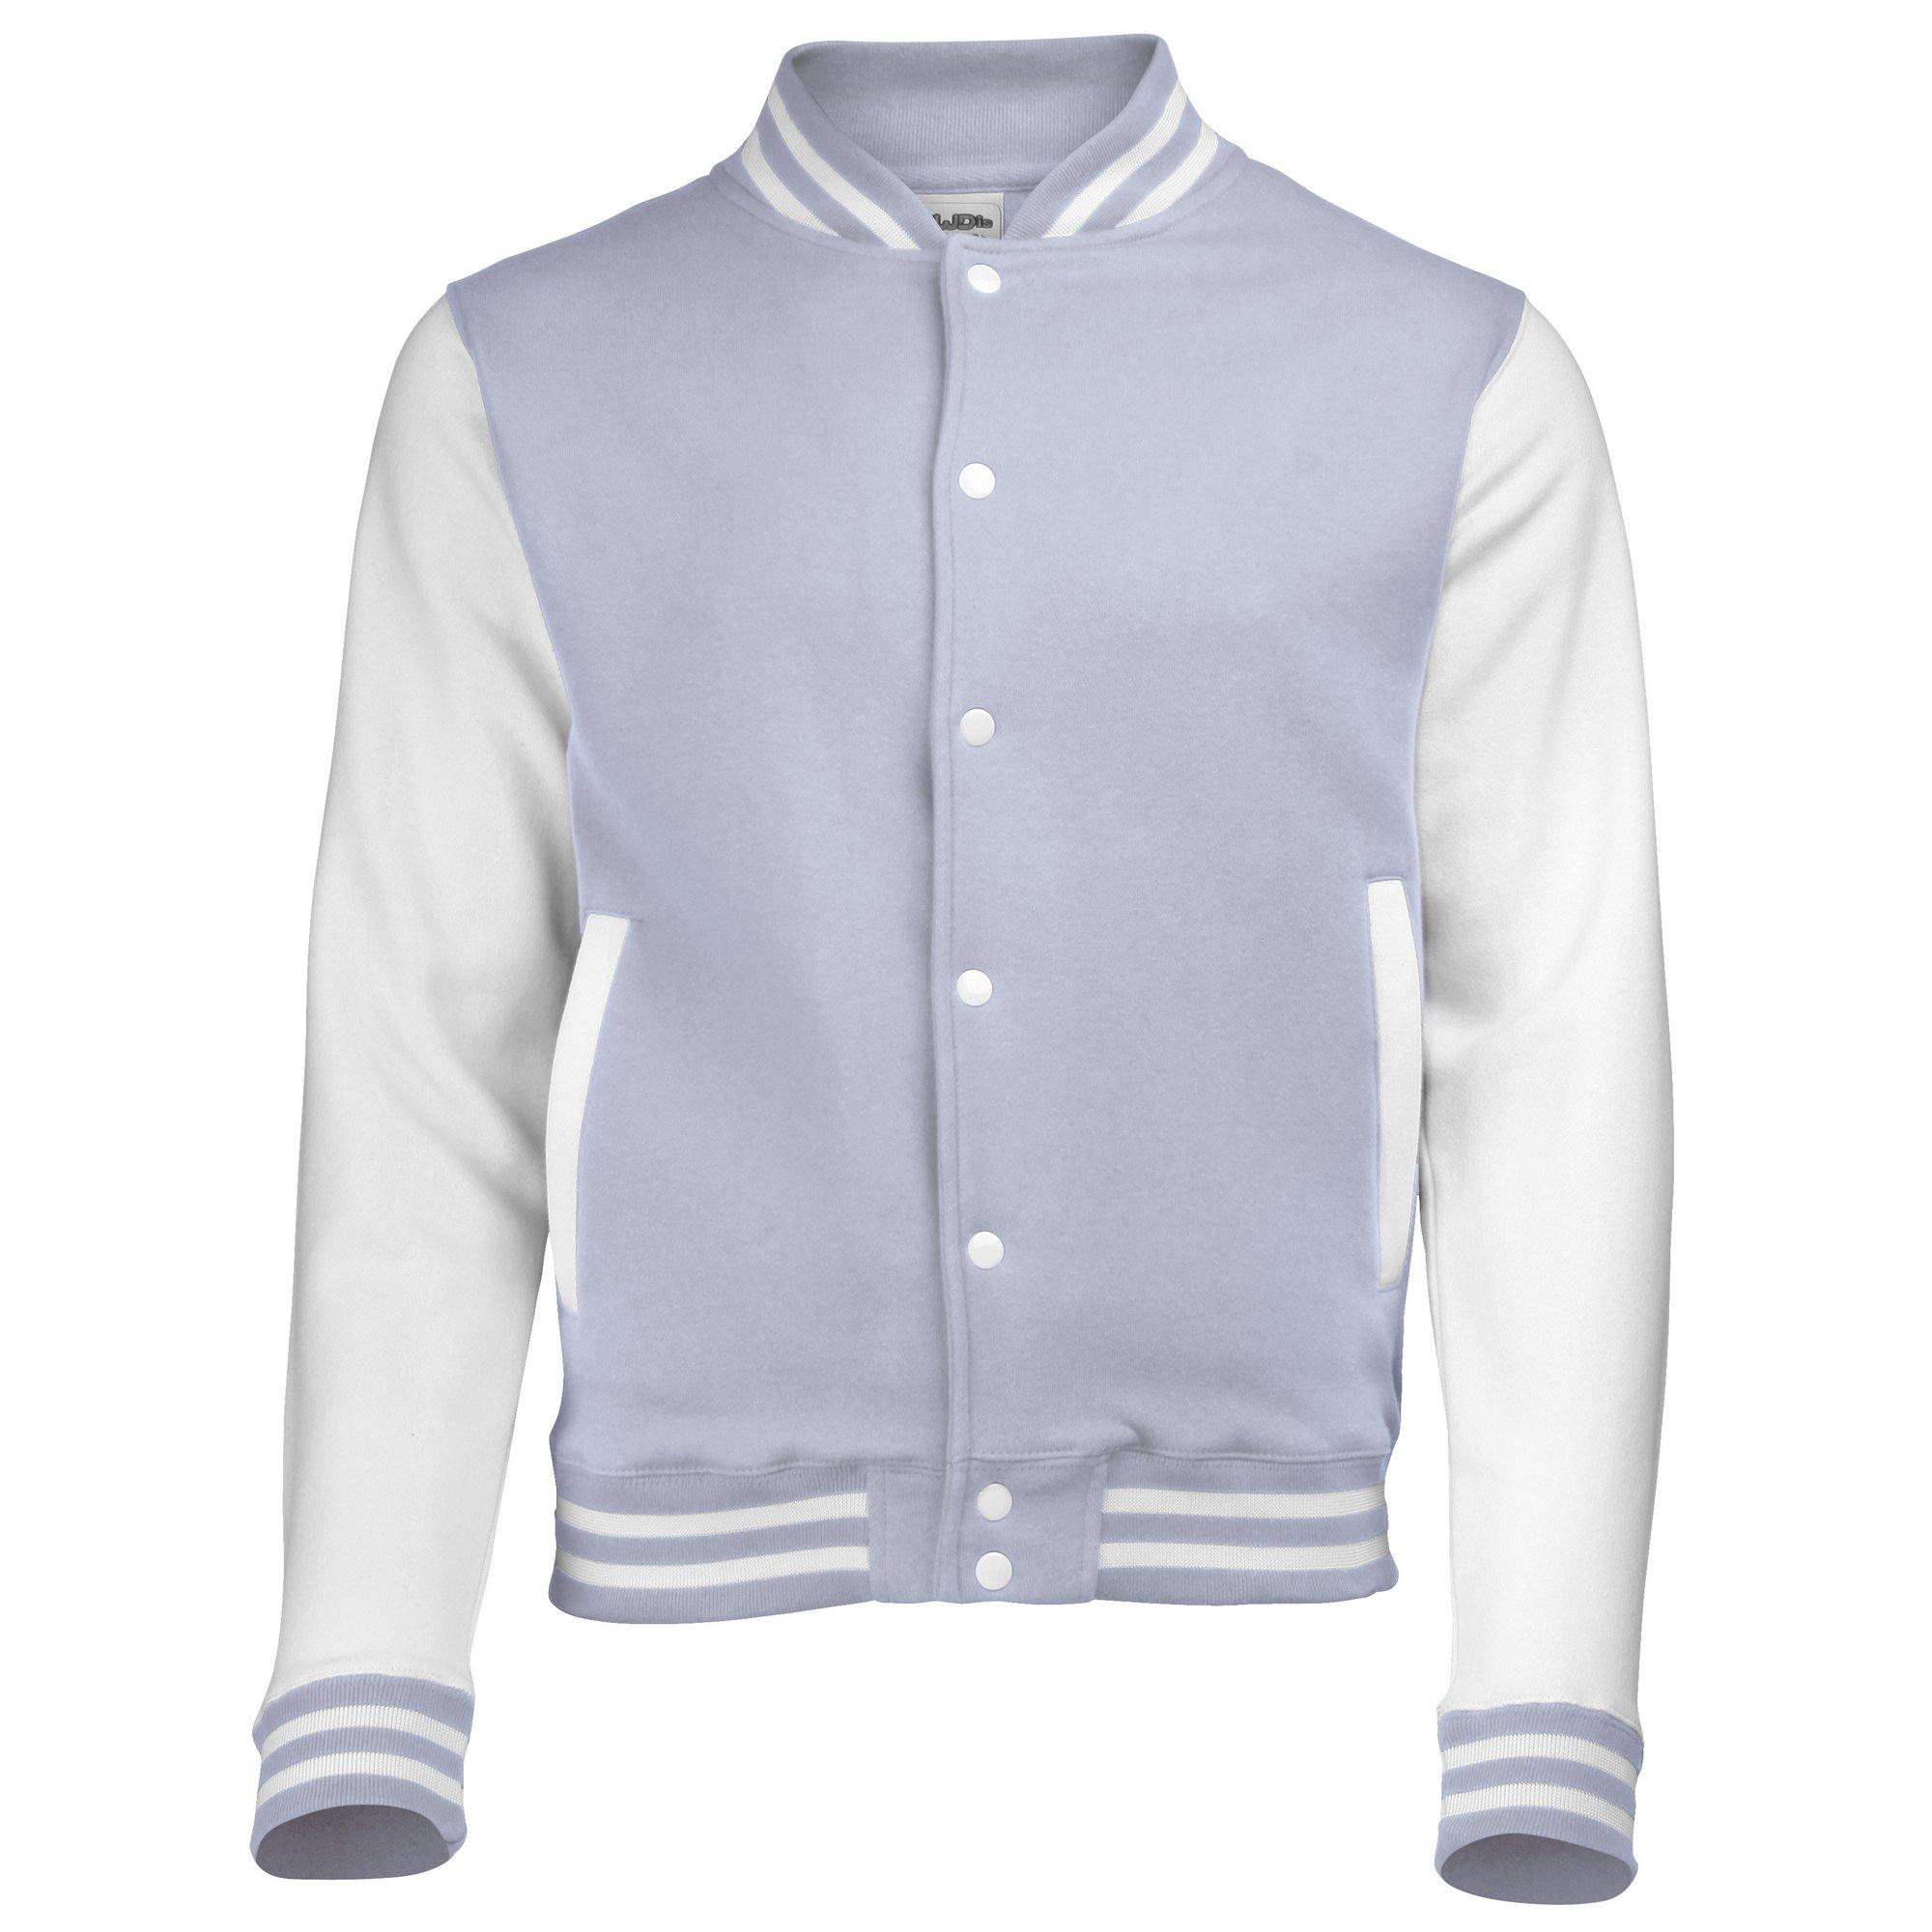 Awdis Unisex Varsity Jacket (M) (Heather Grey / White) by Awdis